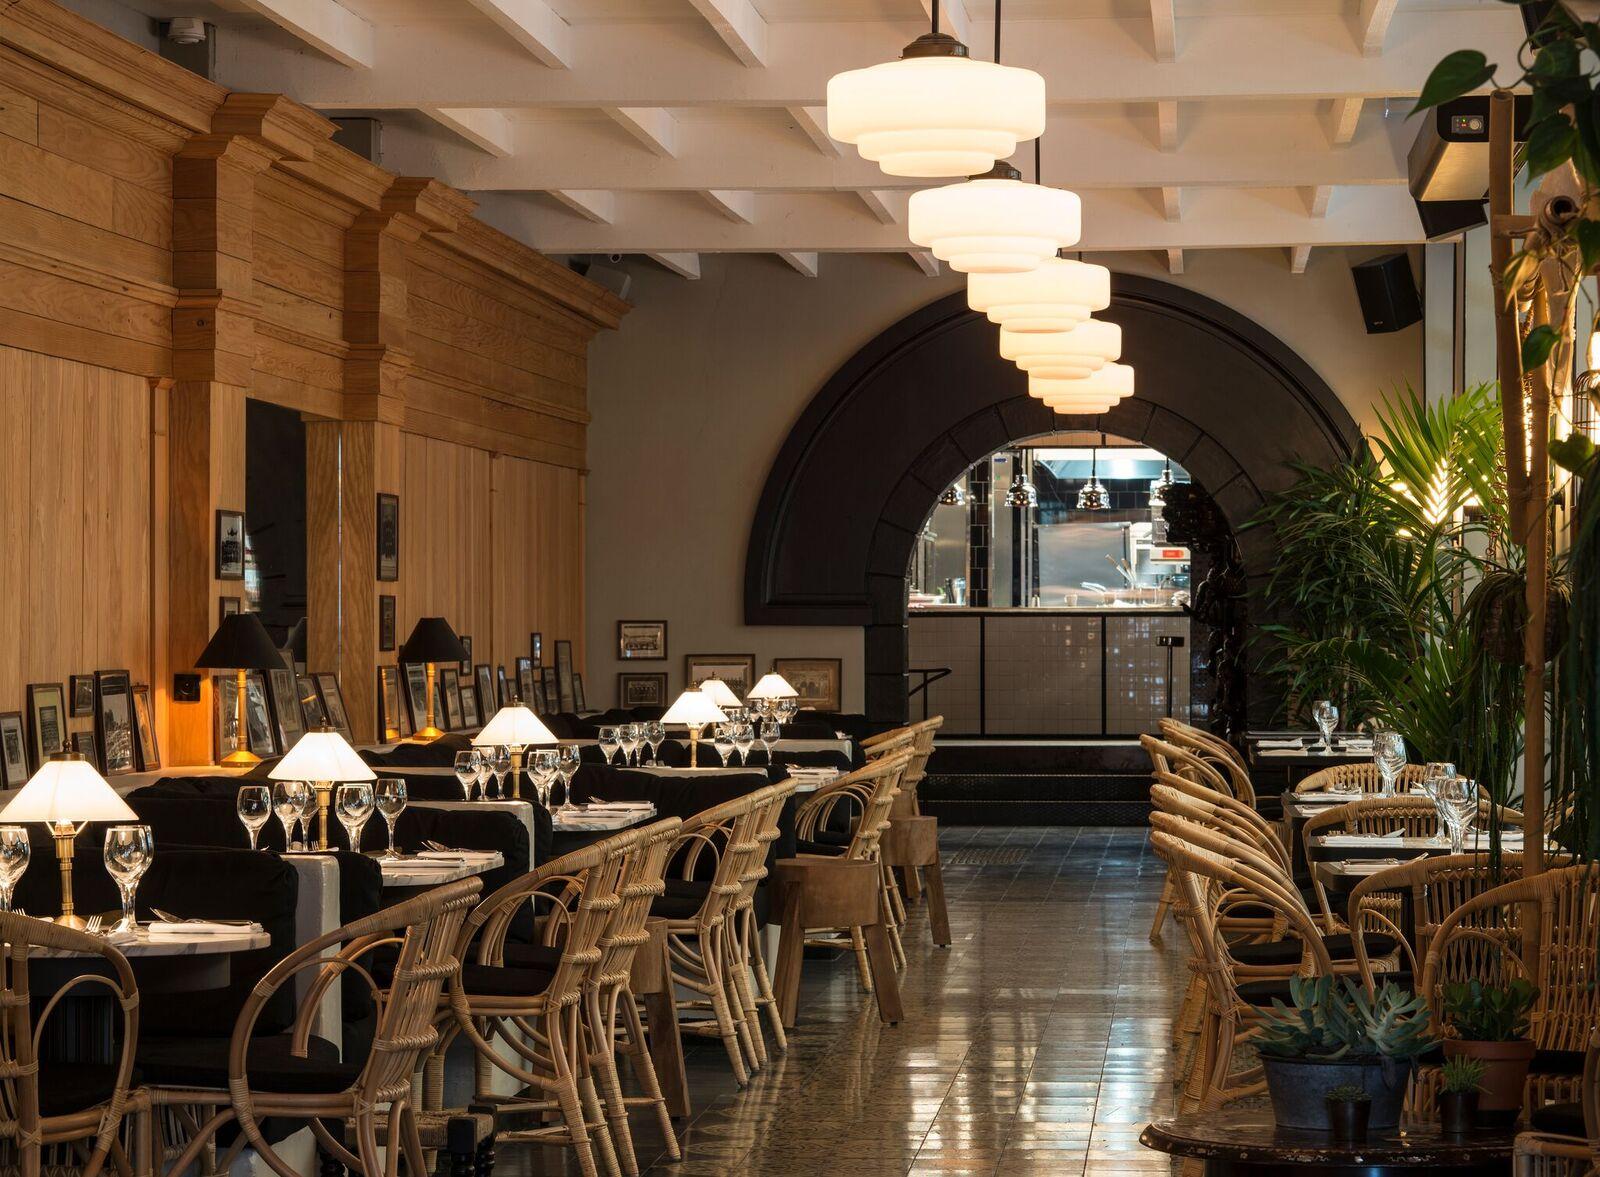 Le Sentier change de couleur. Après l'ouverture du bar à cocktails Le Fou, celle programmée du futur hôtel Hoxton juste en face, le restaurant Bambou, emmené par l'équipée de la Plage et du Très Honoré, fait son entrée dans un ancien dépôt de tissus du quartier. Branché thaï comme la cuisine, le décor imaginé par le duo Clément et Clémence Goutal (déjà à l'œuvre au Hibou de la place de l'Odéon), joue l'exotisme chic, sortant cages à oiseaux et dragon géant, canapés rouge carmin et ventilateurs en entrée. Pour dîner, réserver le salon et cabinet de curiosités aux collections de papillons et flacons d'apothicaires, ou l'une des banquettes-box sous lumière tamisée, le menu illustré sexy et dicté par le chef Antonin Bonnet (ex Sergent Recruteur) déclinant Hakao de crevette au lait de coco, satay de bœuf et soupes épicées parfaitement exécutées. Drink de fin de soirée recommandé au sous-sol où derrière la salle de billard américain s'ouvre un fumoir immense, lupanar parisiano-thaï éclairé d'une foule de lanternes. La maison tient aussi sa terrasse libérant ses vapeurs de fumées.   23, rue des Jeûneurs, Paris IIe. 0140 28 98 30.  www.bambou.fr